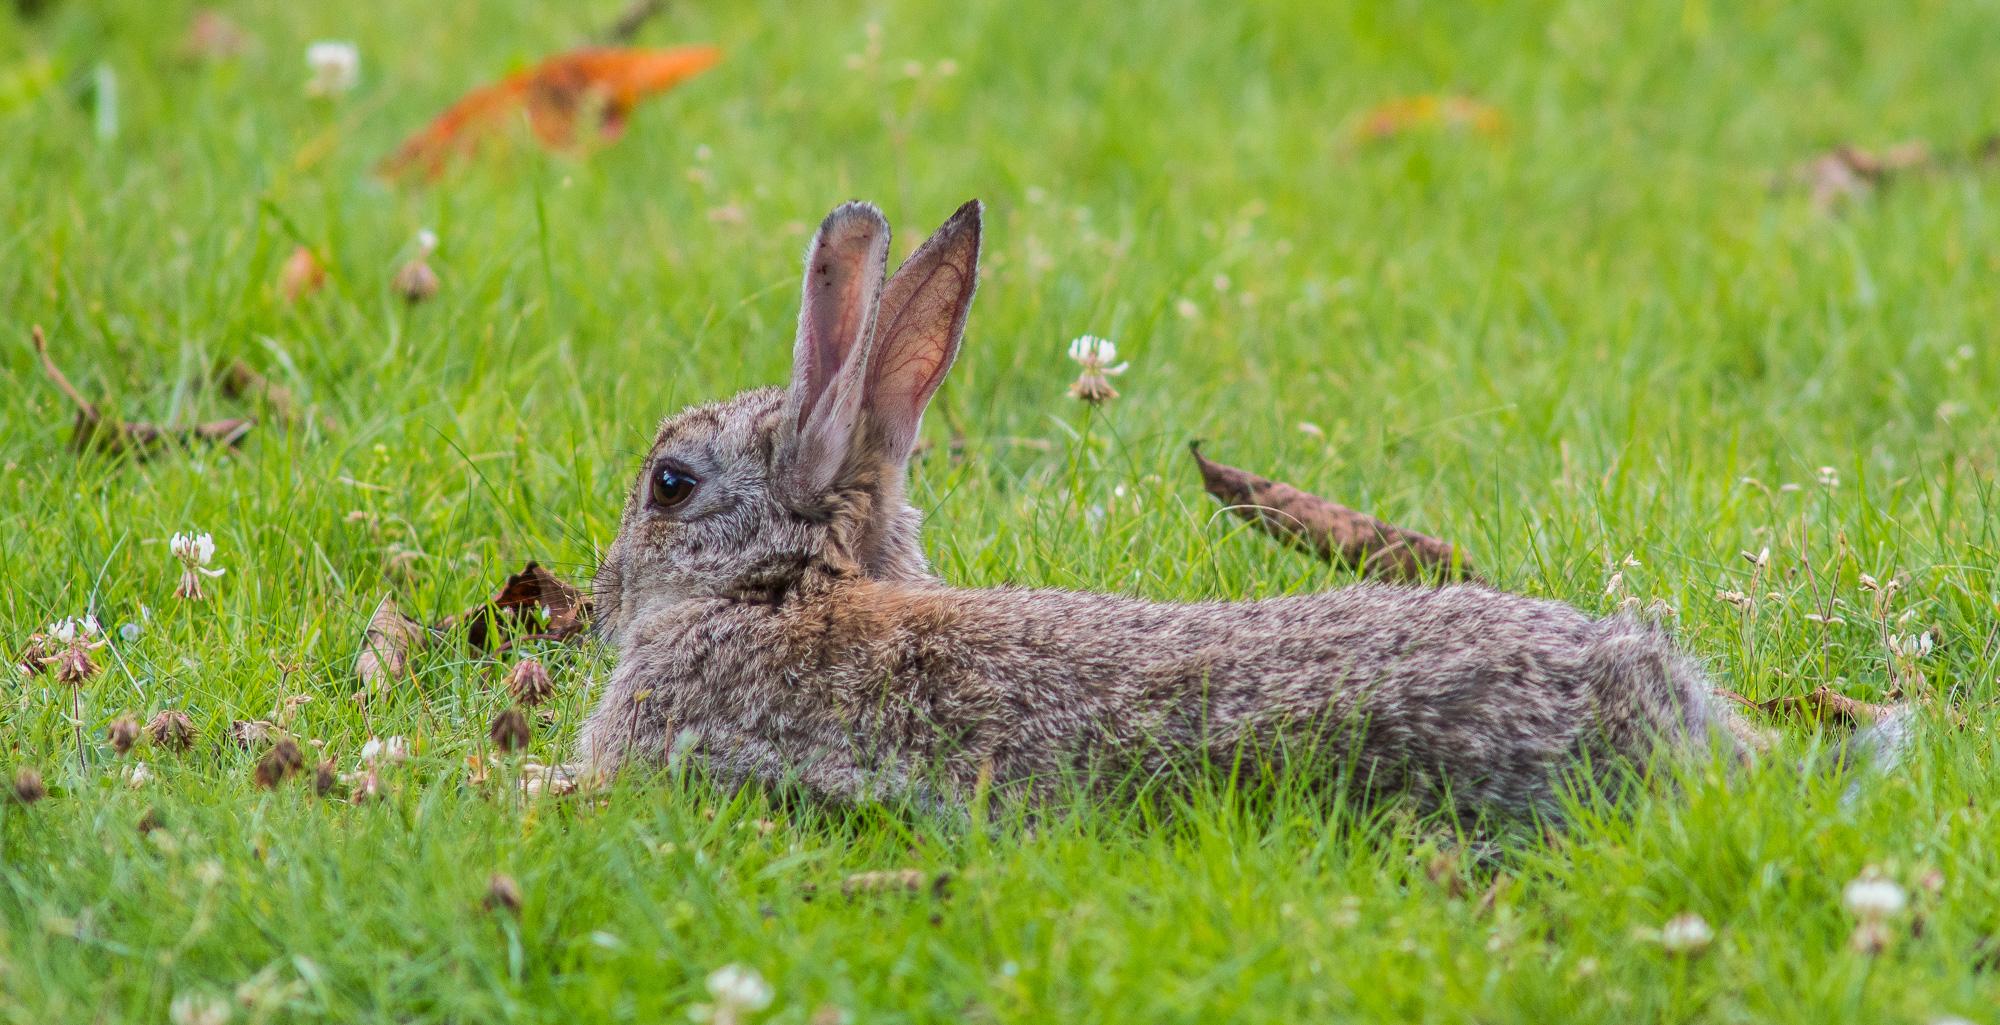 Kaninchen entspannt auf einer Wiese mit Klee liegend